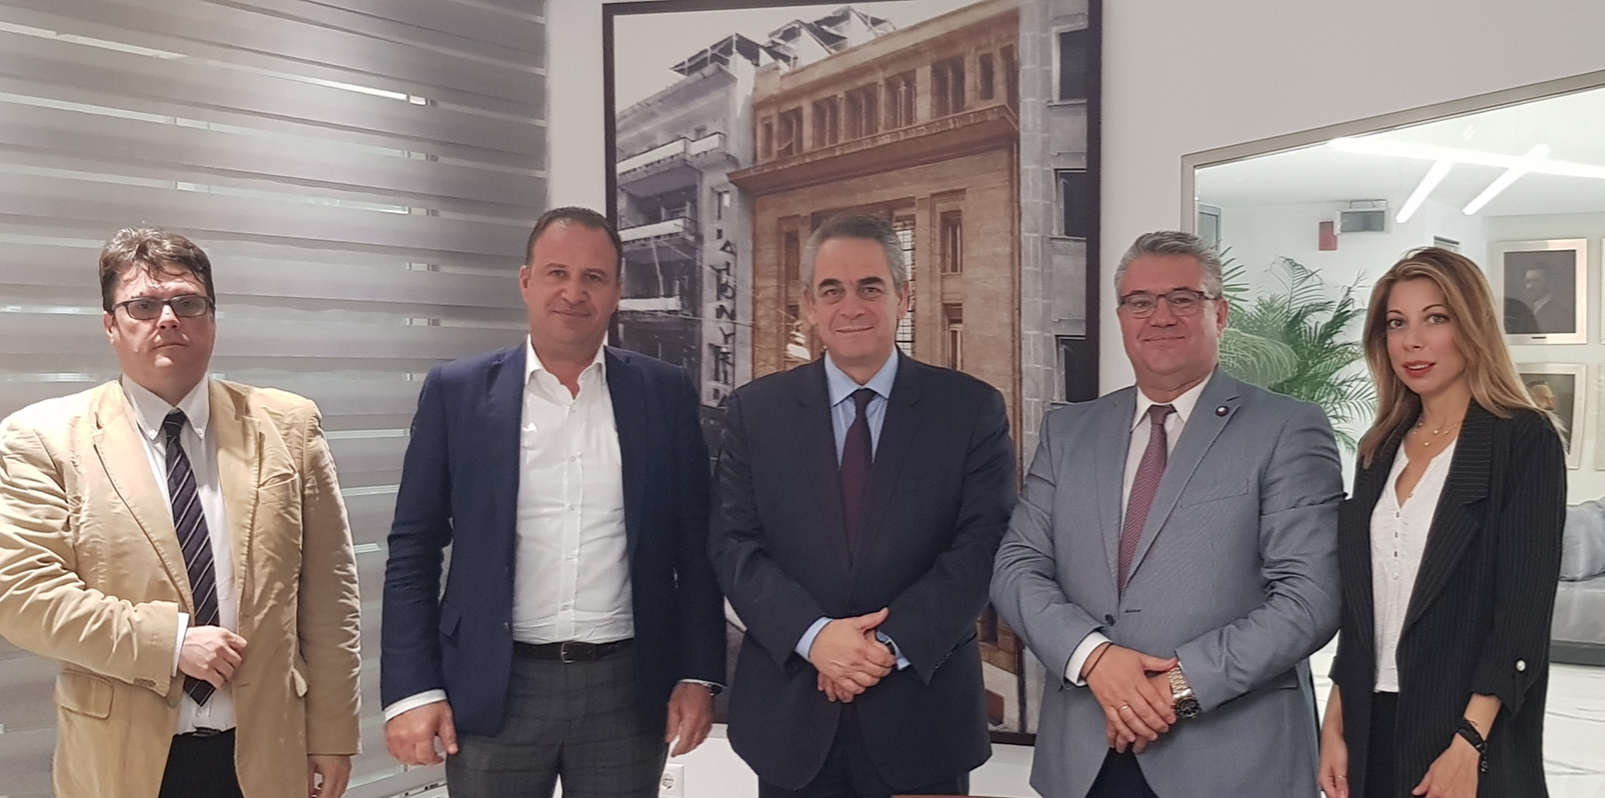 Εικόνα: Συνάντηση του ΔΕΠΑΝ με τον πρόεδρο ΚΕΕ & ΕΒΕΑ Κωνσταντίνο Μίχαλο